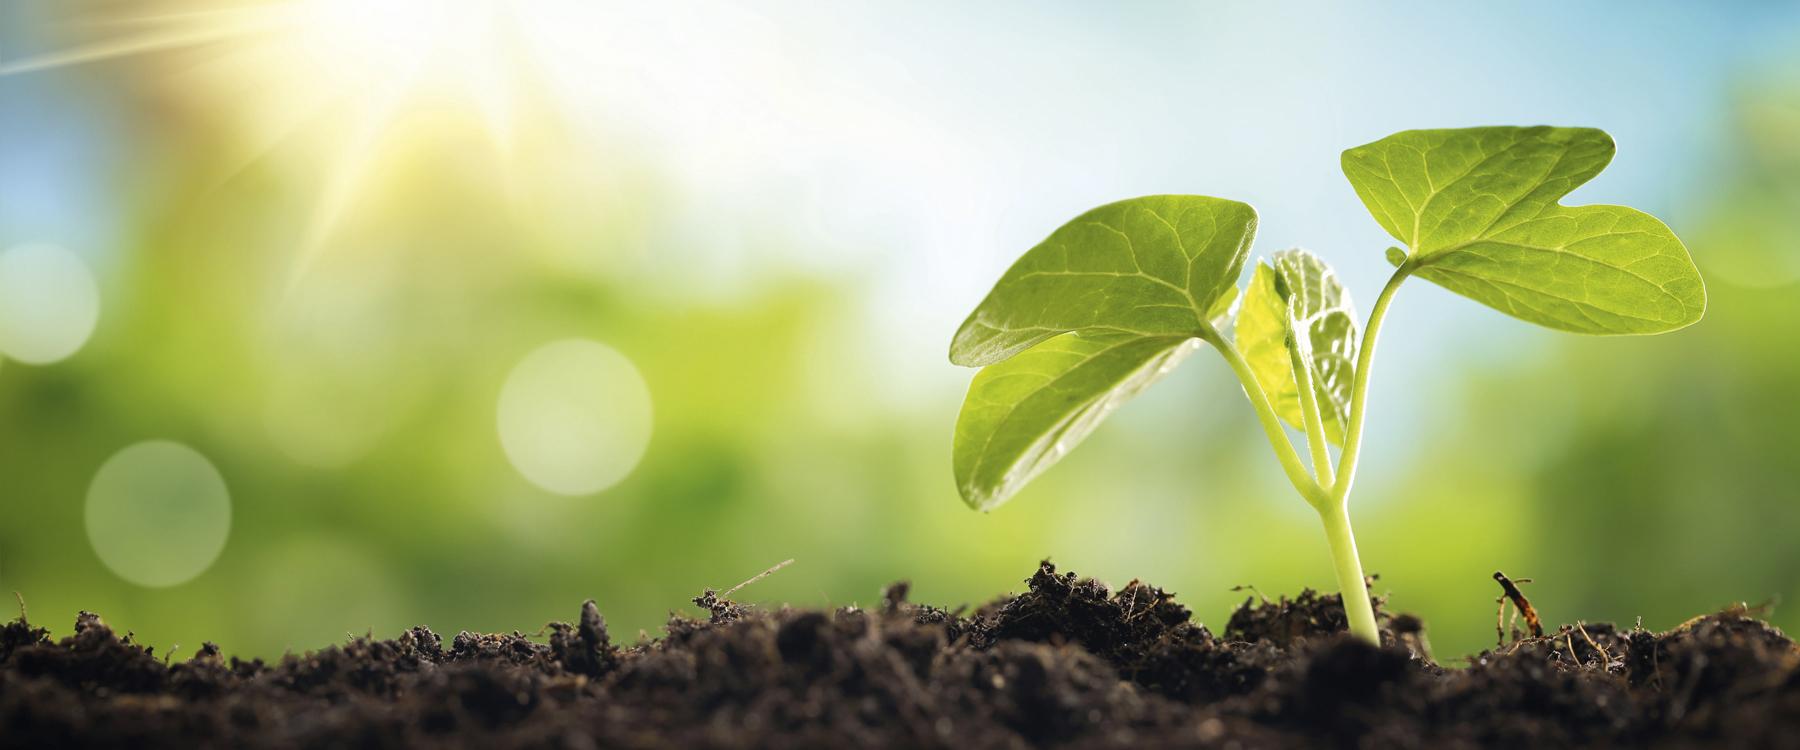 Pflanze die aus der Erde spriesst, Titelbild Plus Minus Solutions